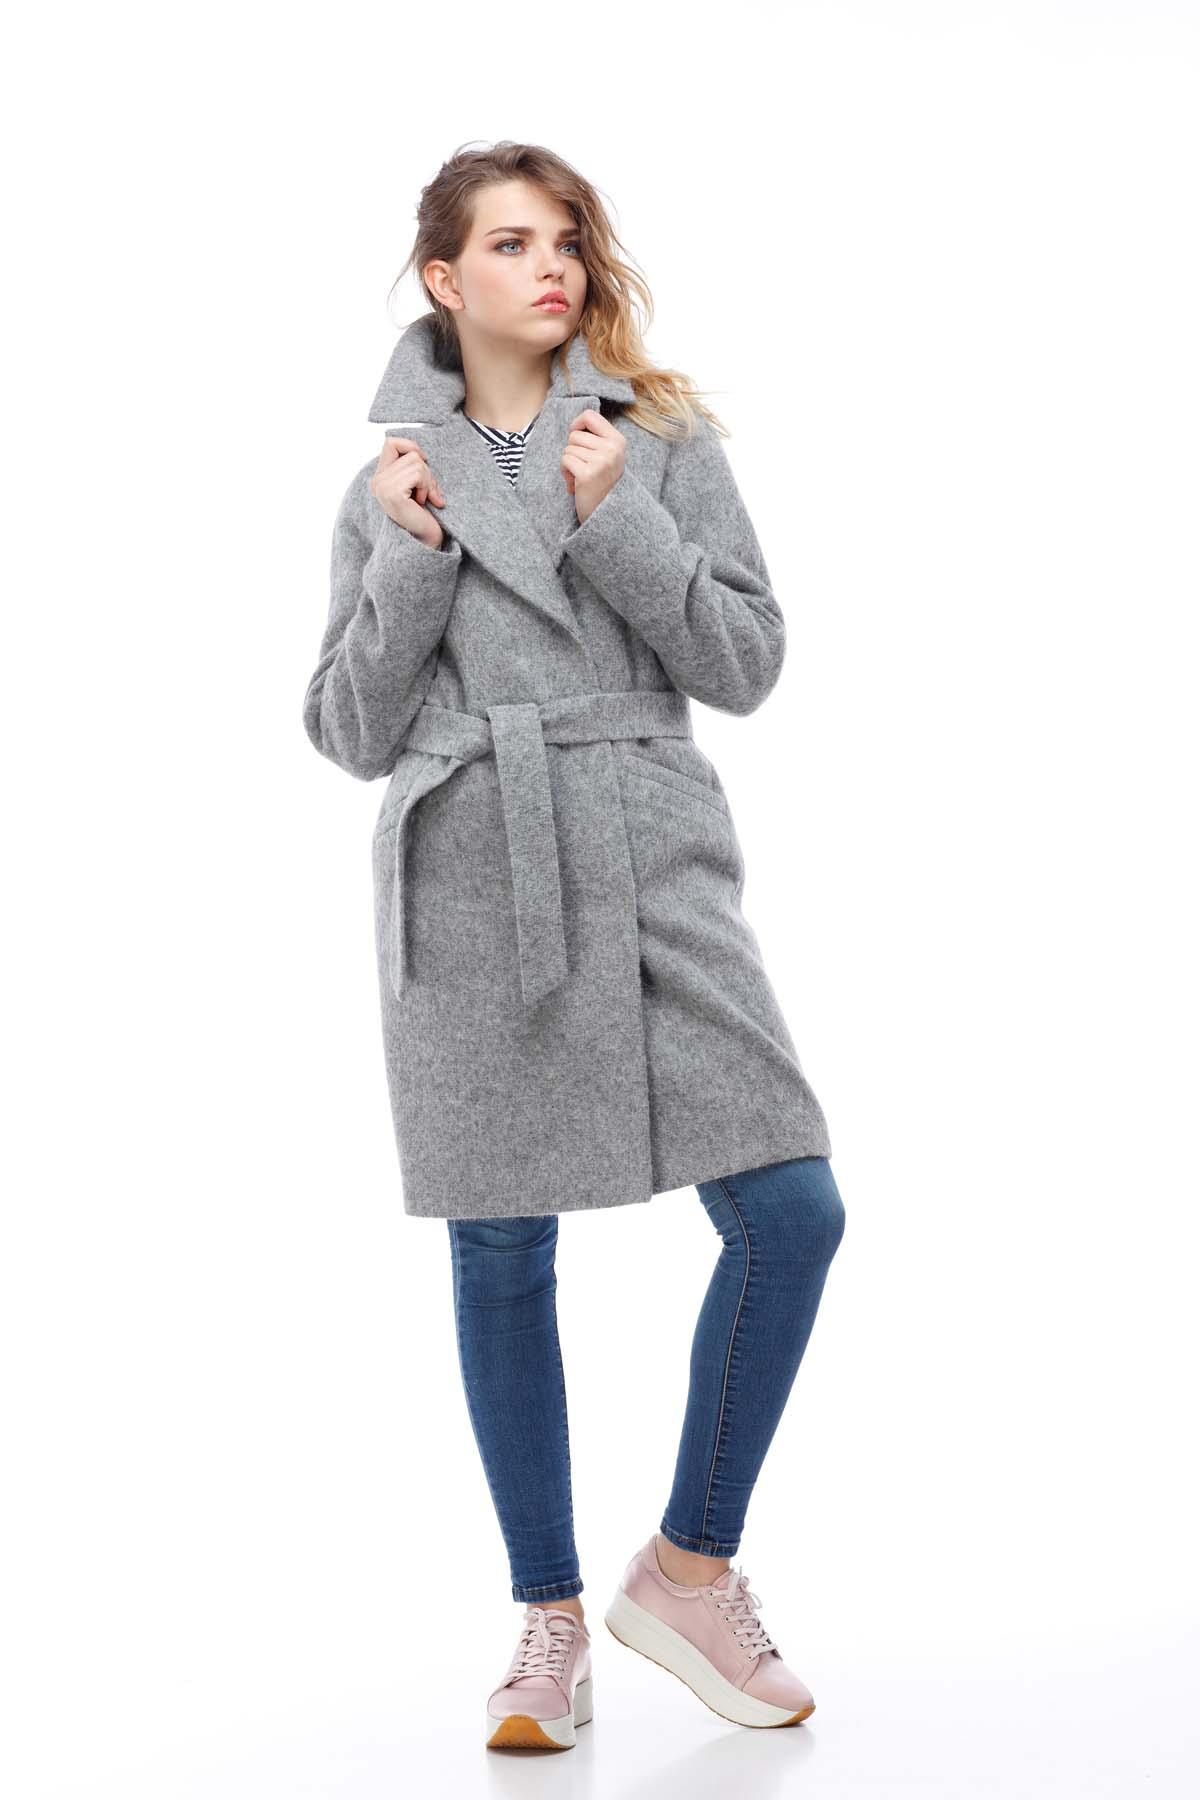 Пальто Лора, вовна ворсова Італія сірий